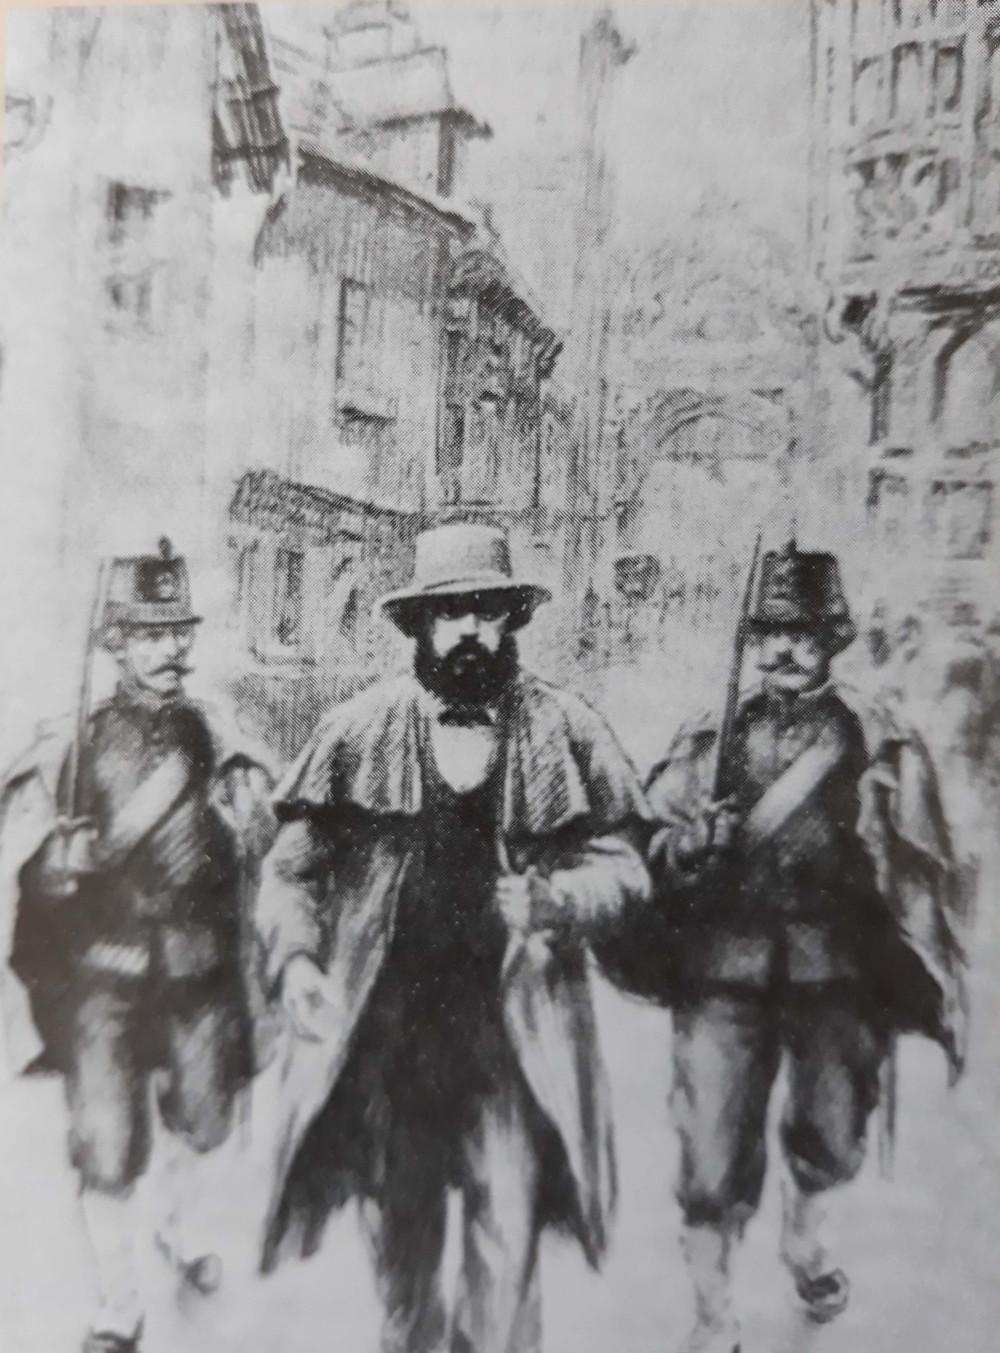 Karl Marx à Bruxelles, visite guidée Grand-Place Bruxelles, Vincent Beckers